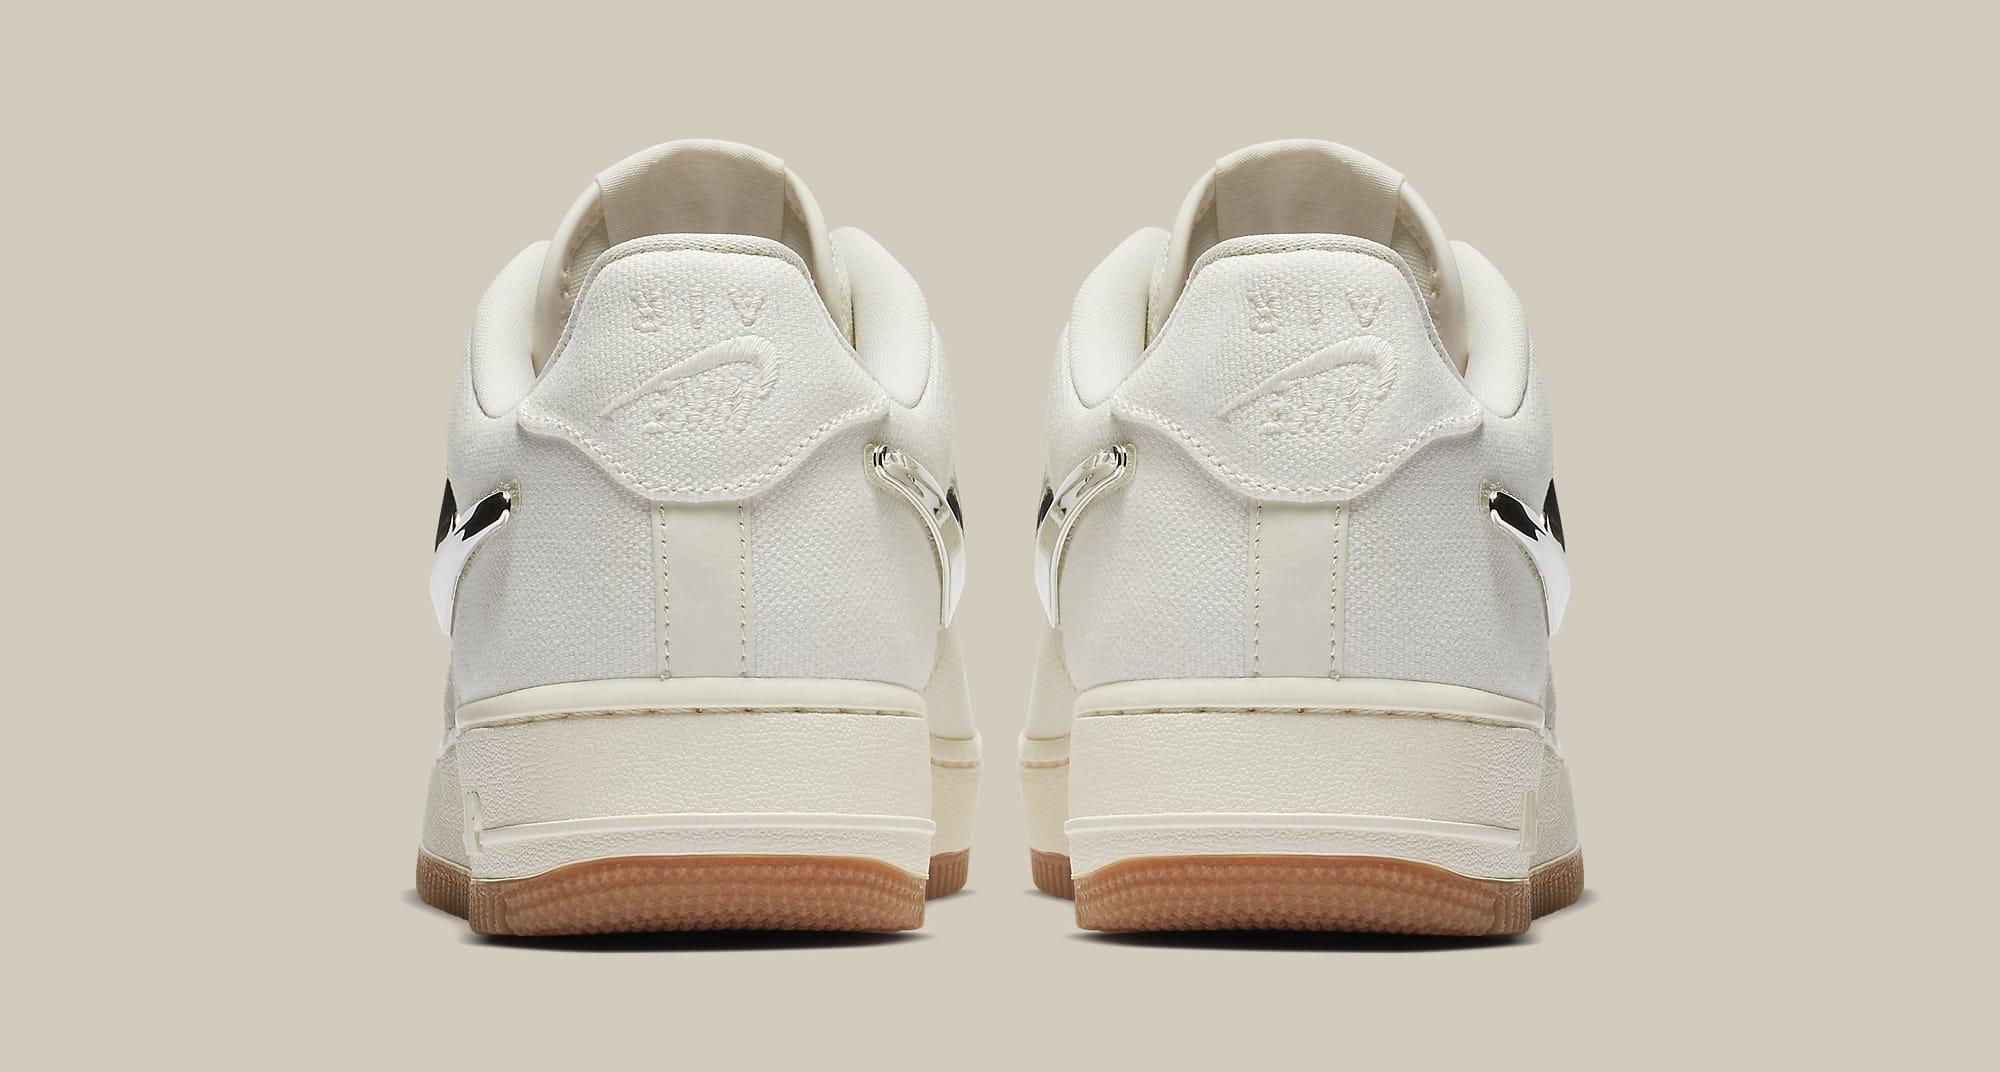 Travis Scott x Nike Air Force 1 Low 'Sail' AQ4211-101 (Heel)